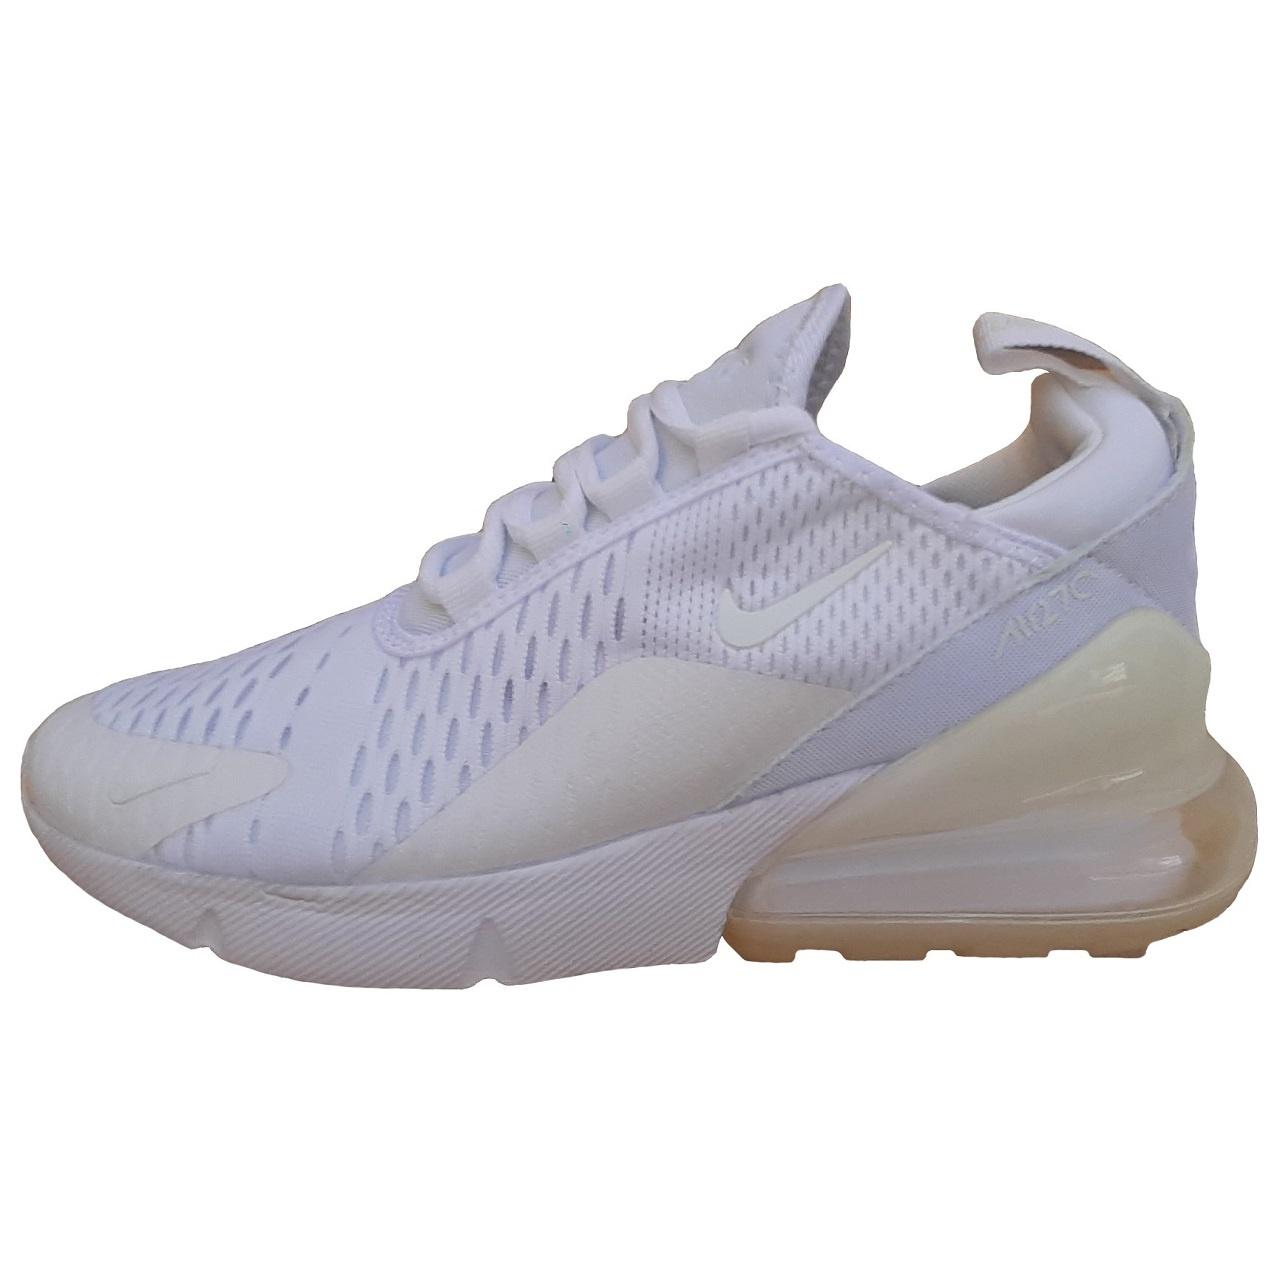 کفش مخصوص پیاده روی زنانه مدل ایر 270 کد 215016